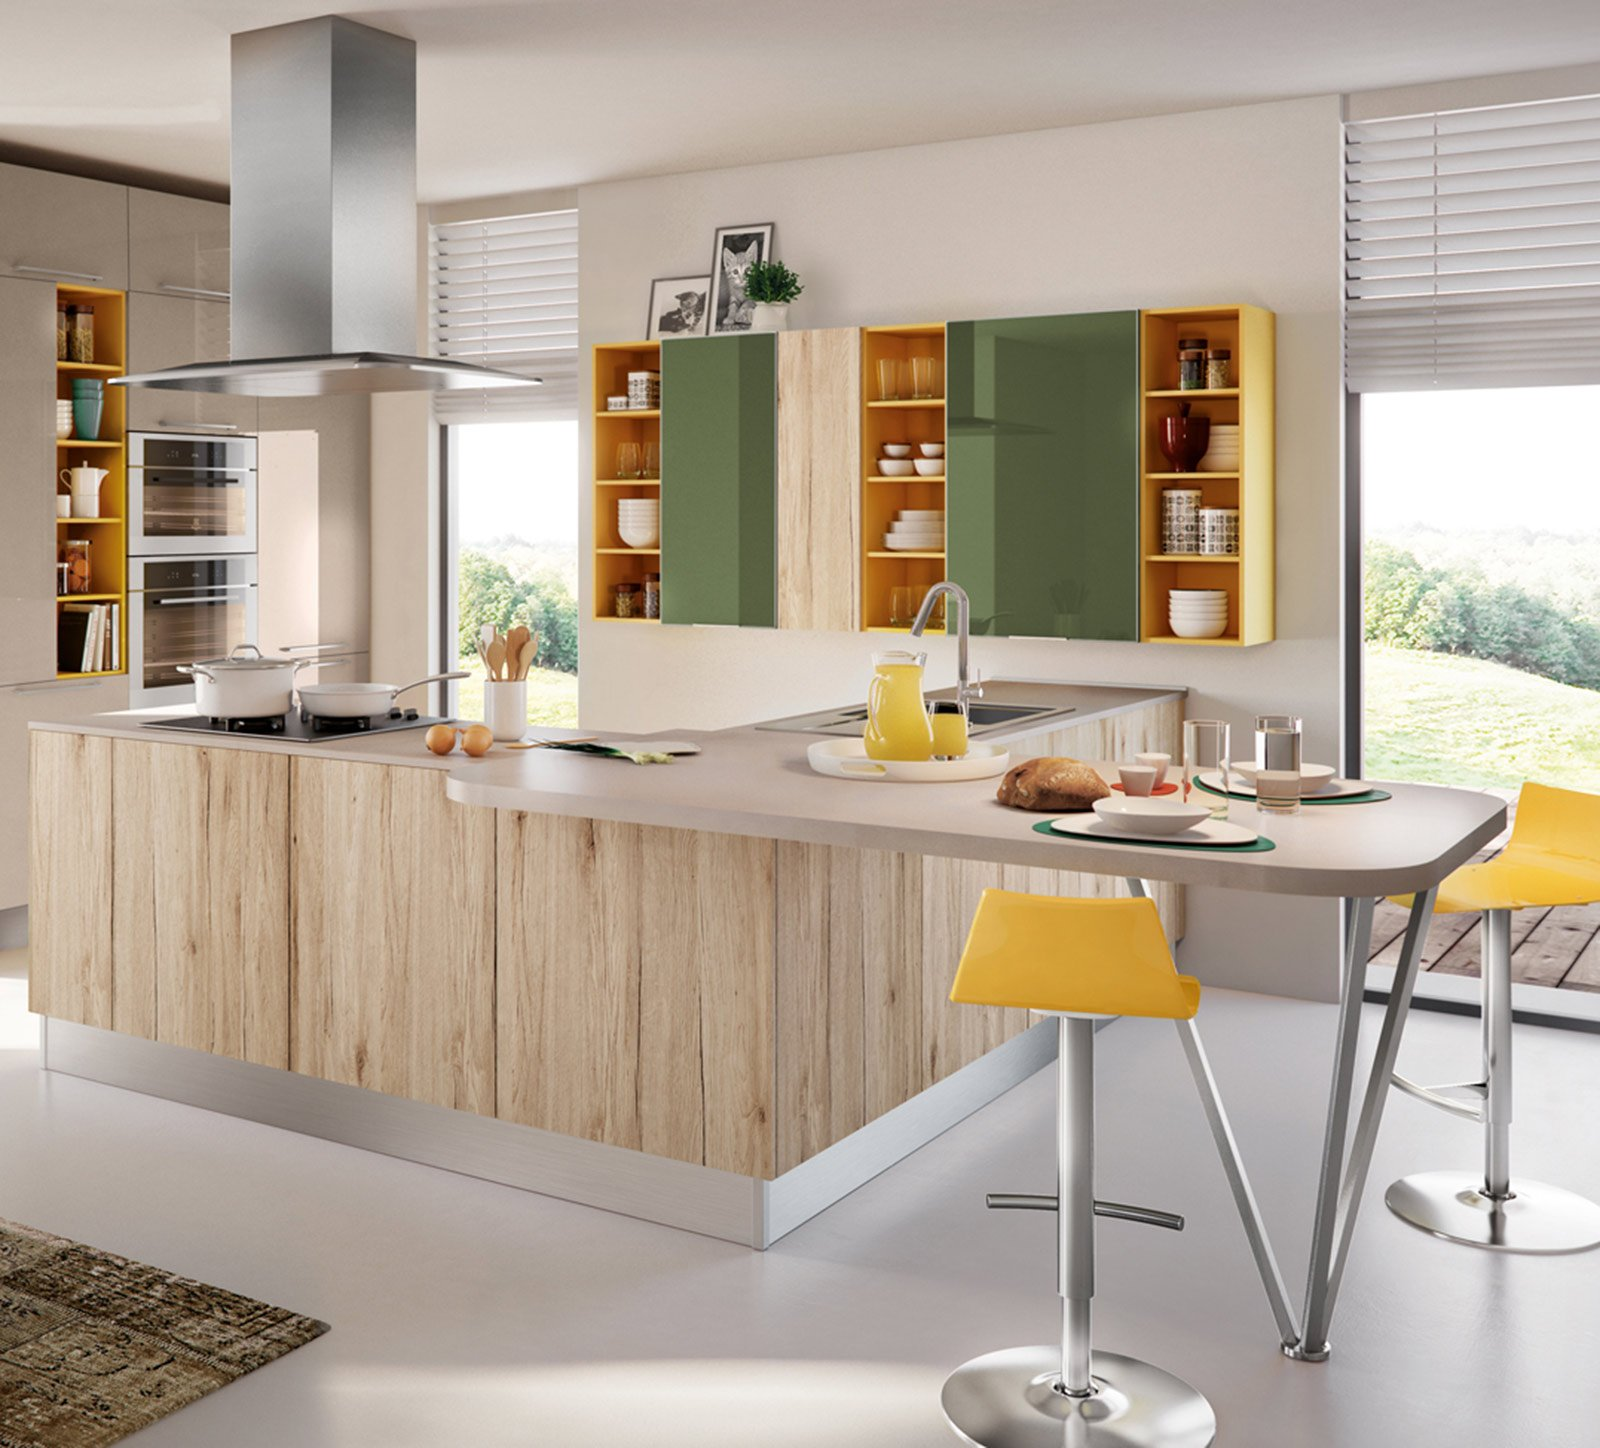 Il Nuovissimo Modello Swing Di Cucine Lube è Un Prodotto Moderno E Di  #B38718 1600 1448 Immagini Di Cucine Ernestomeda